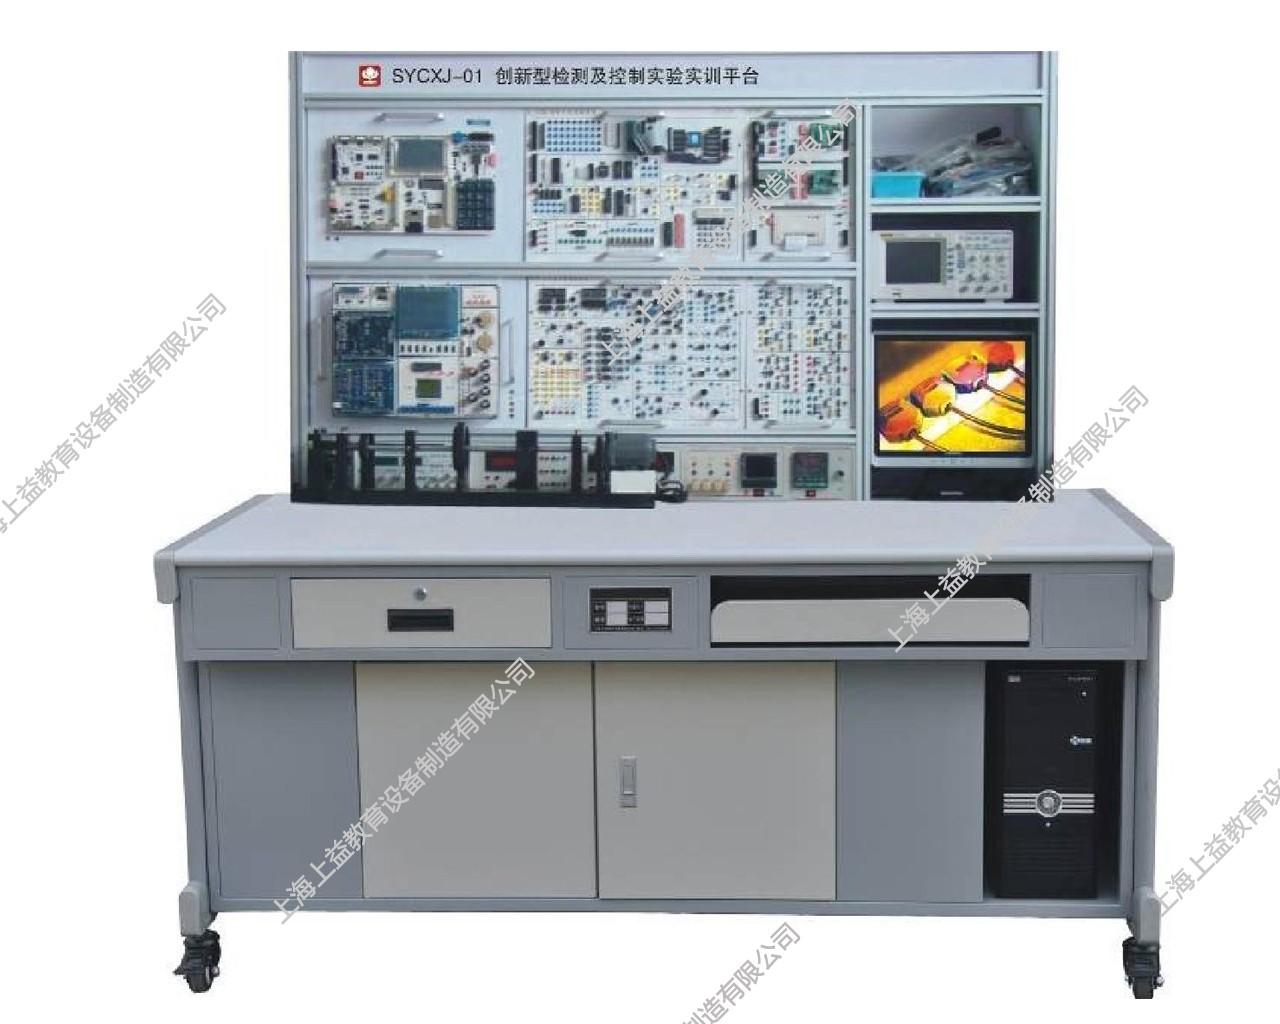 SYCXJ-01创新型检测及控制实验wwwlehu8vip平台